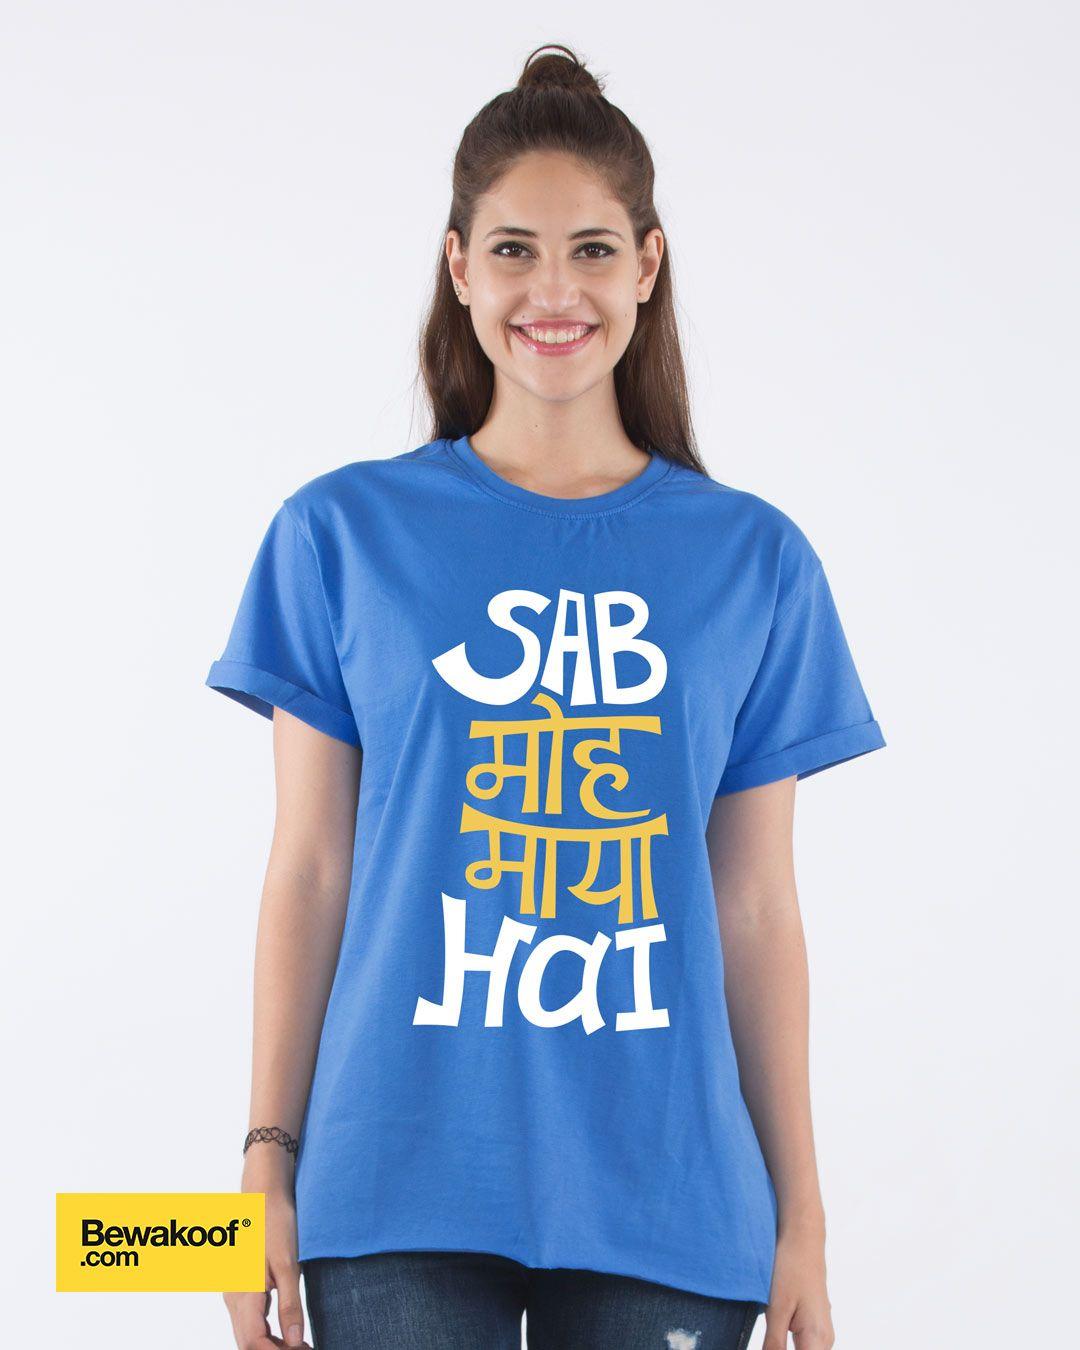 f6b28a3f2 Bewakoof- Moh Maya Boyfriend T-Shirt Rs 499/- | t shirt | T shirts ...